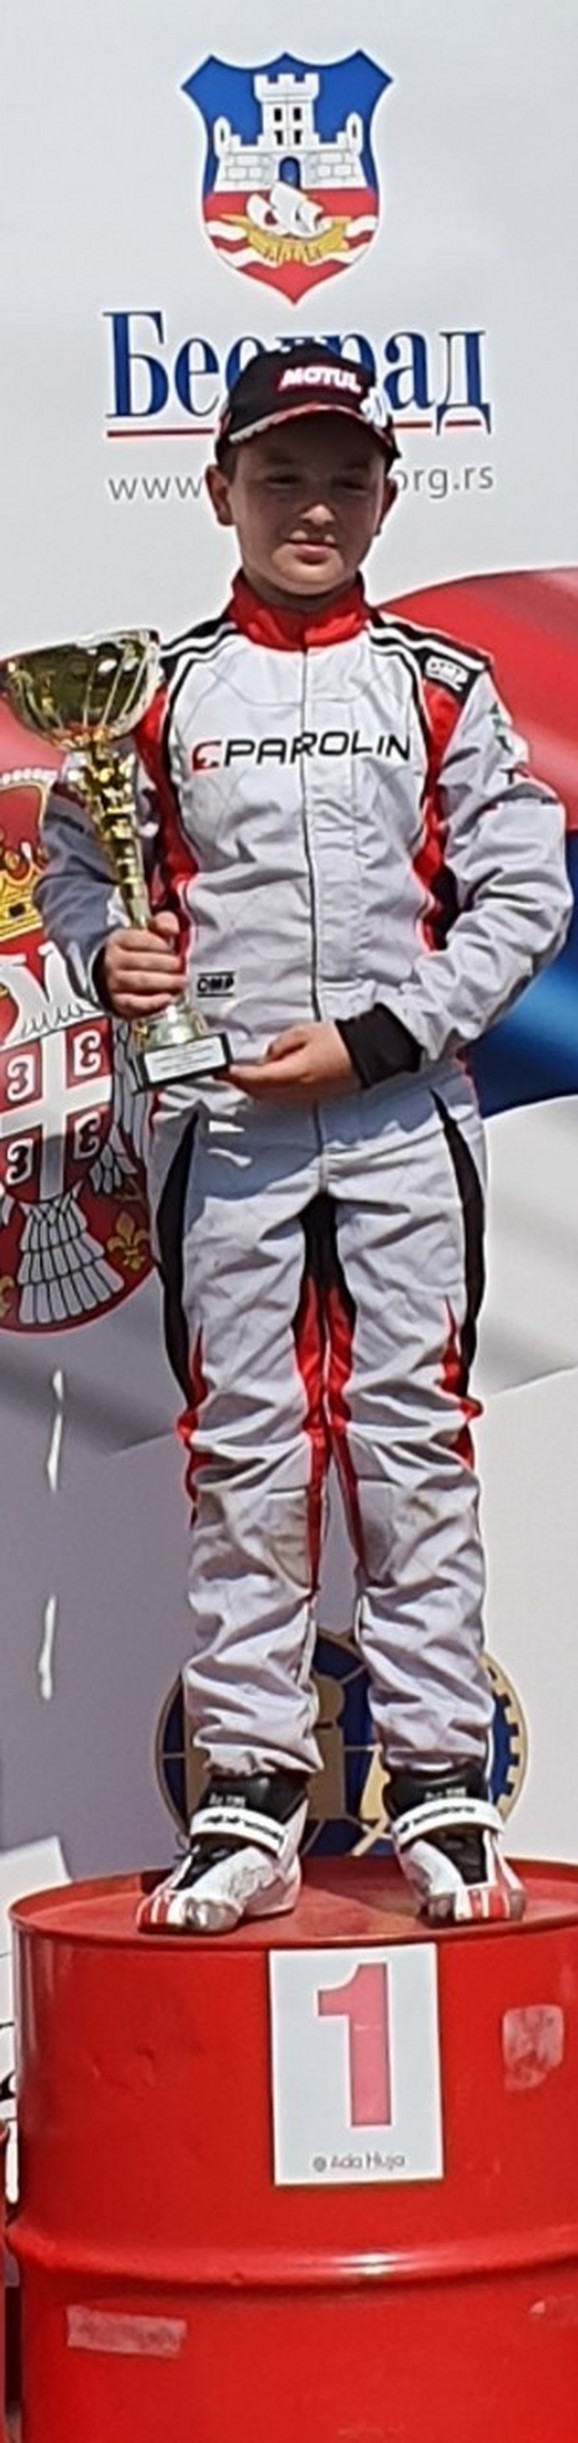 Nemanja Jovanović - karting